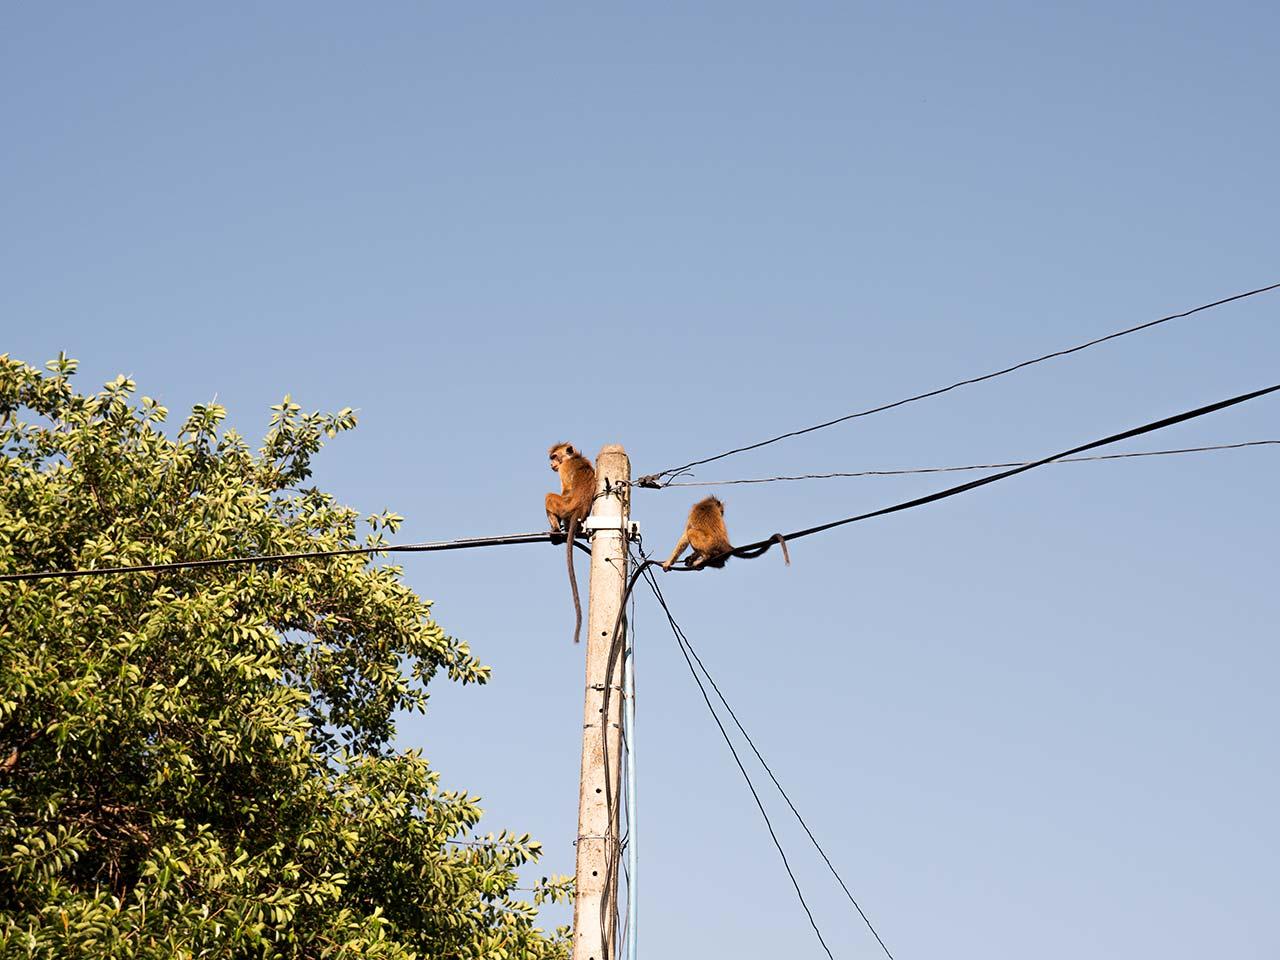 Affen auf einer Stromleitung in Kandy, Sri Lanka